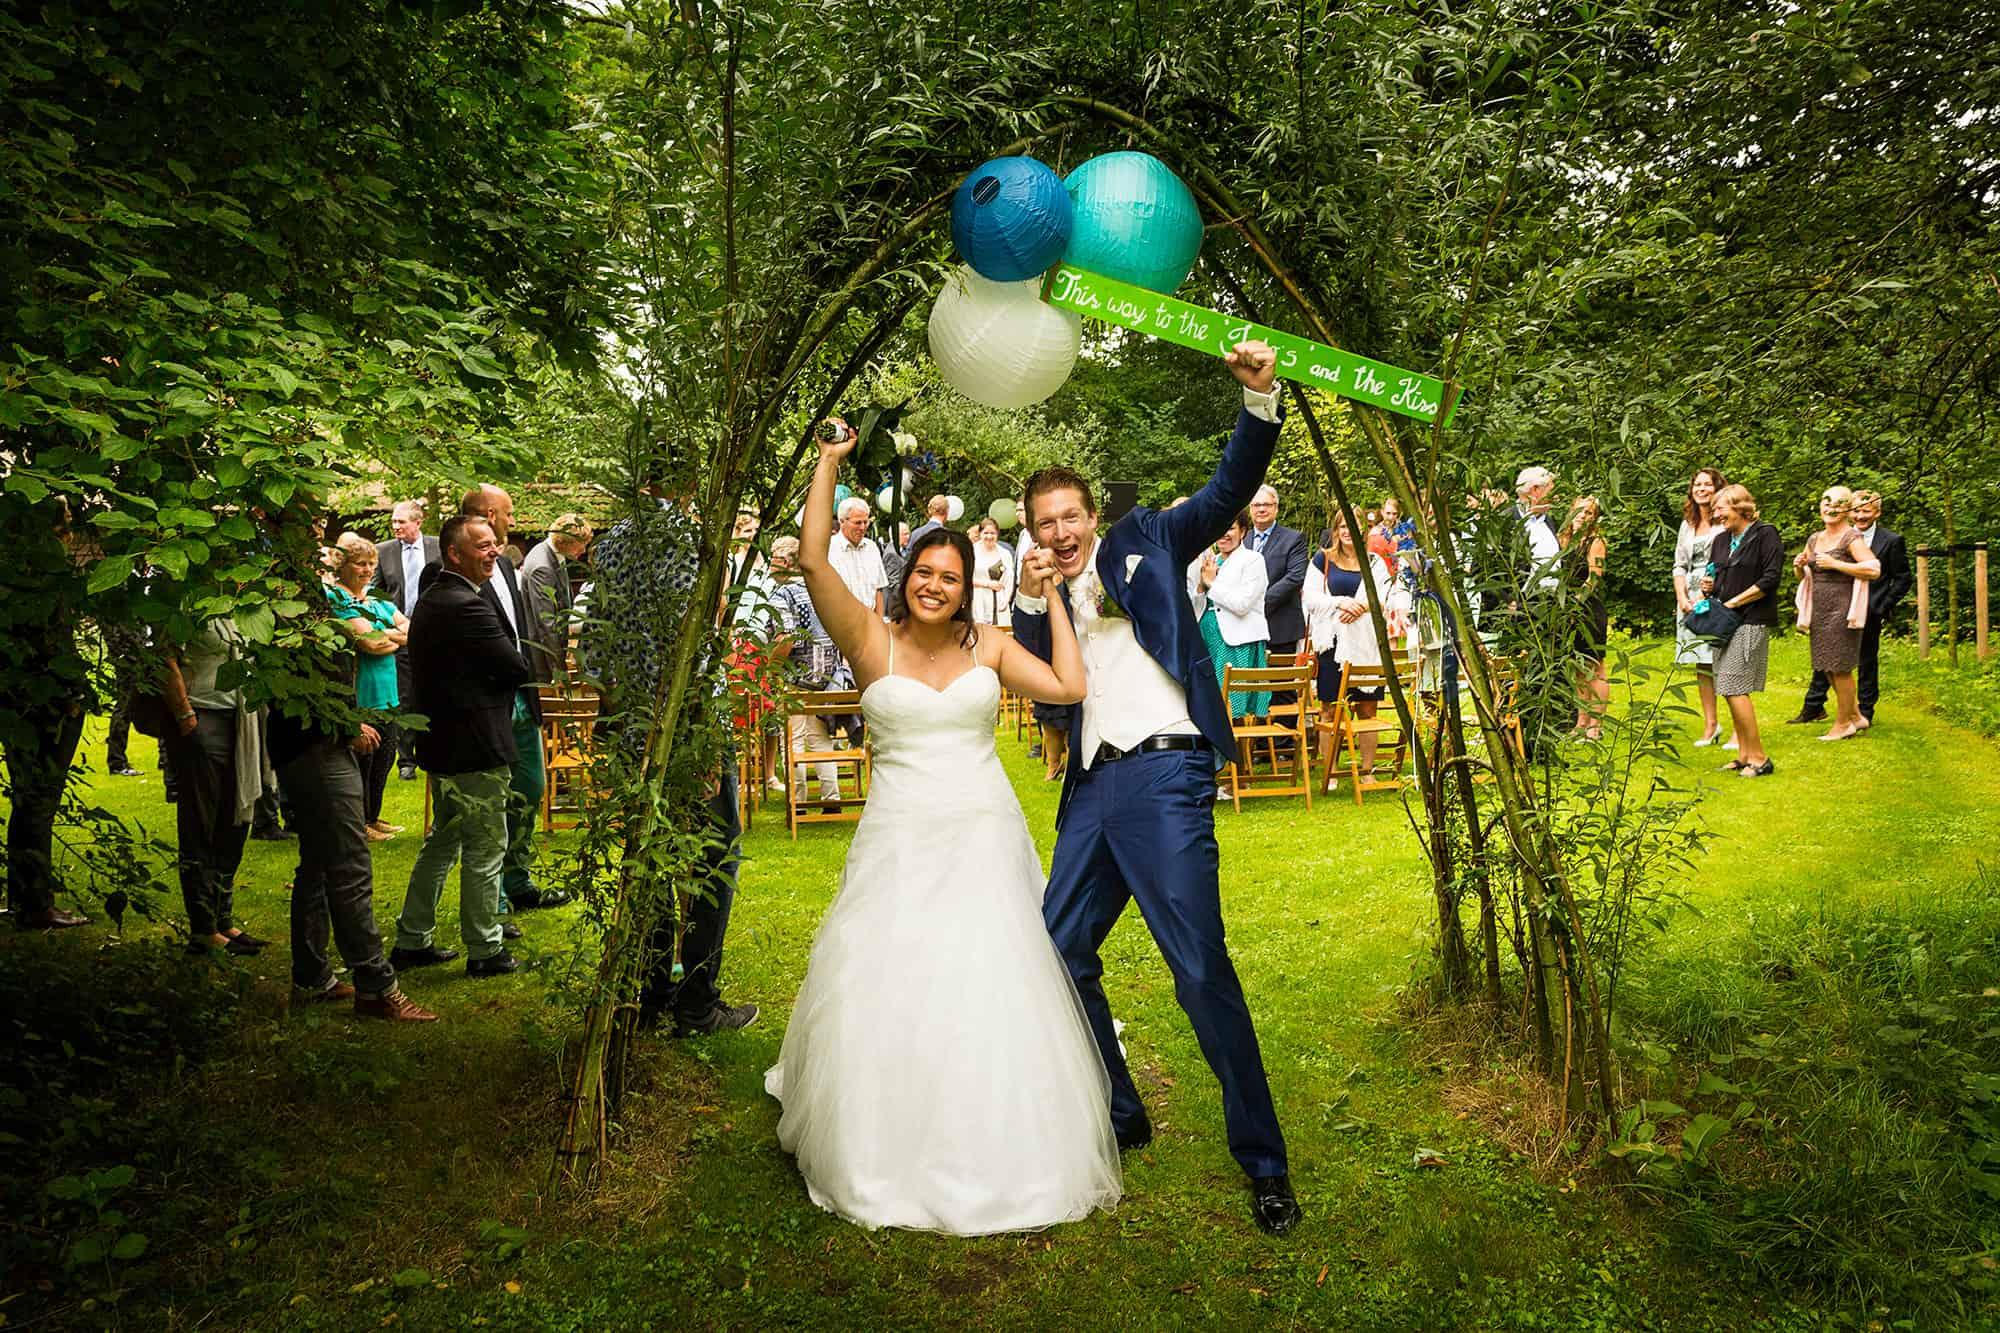 mooiste bruidsfoto